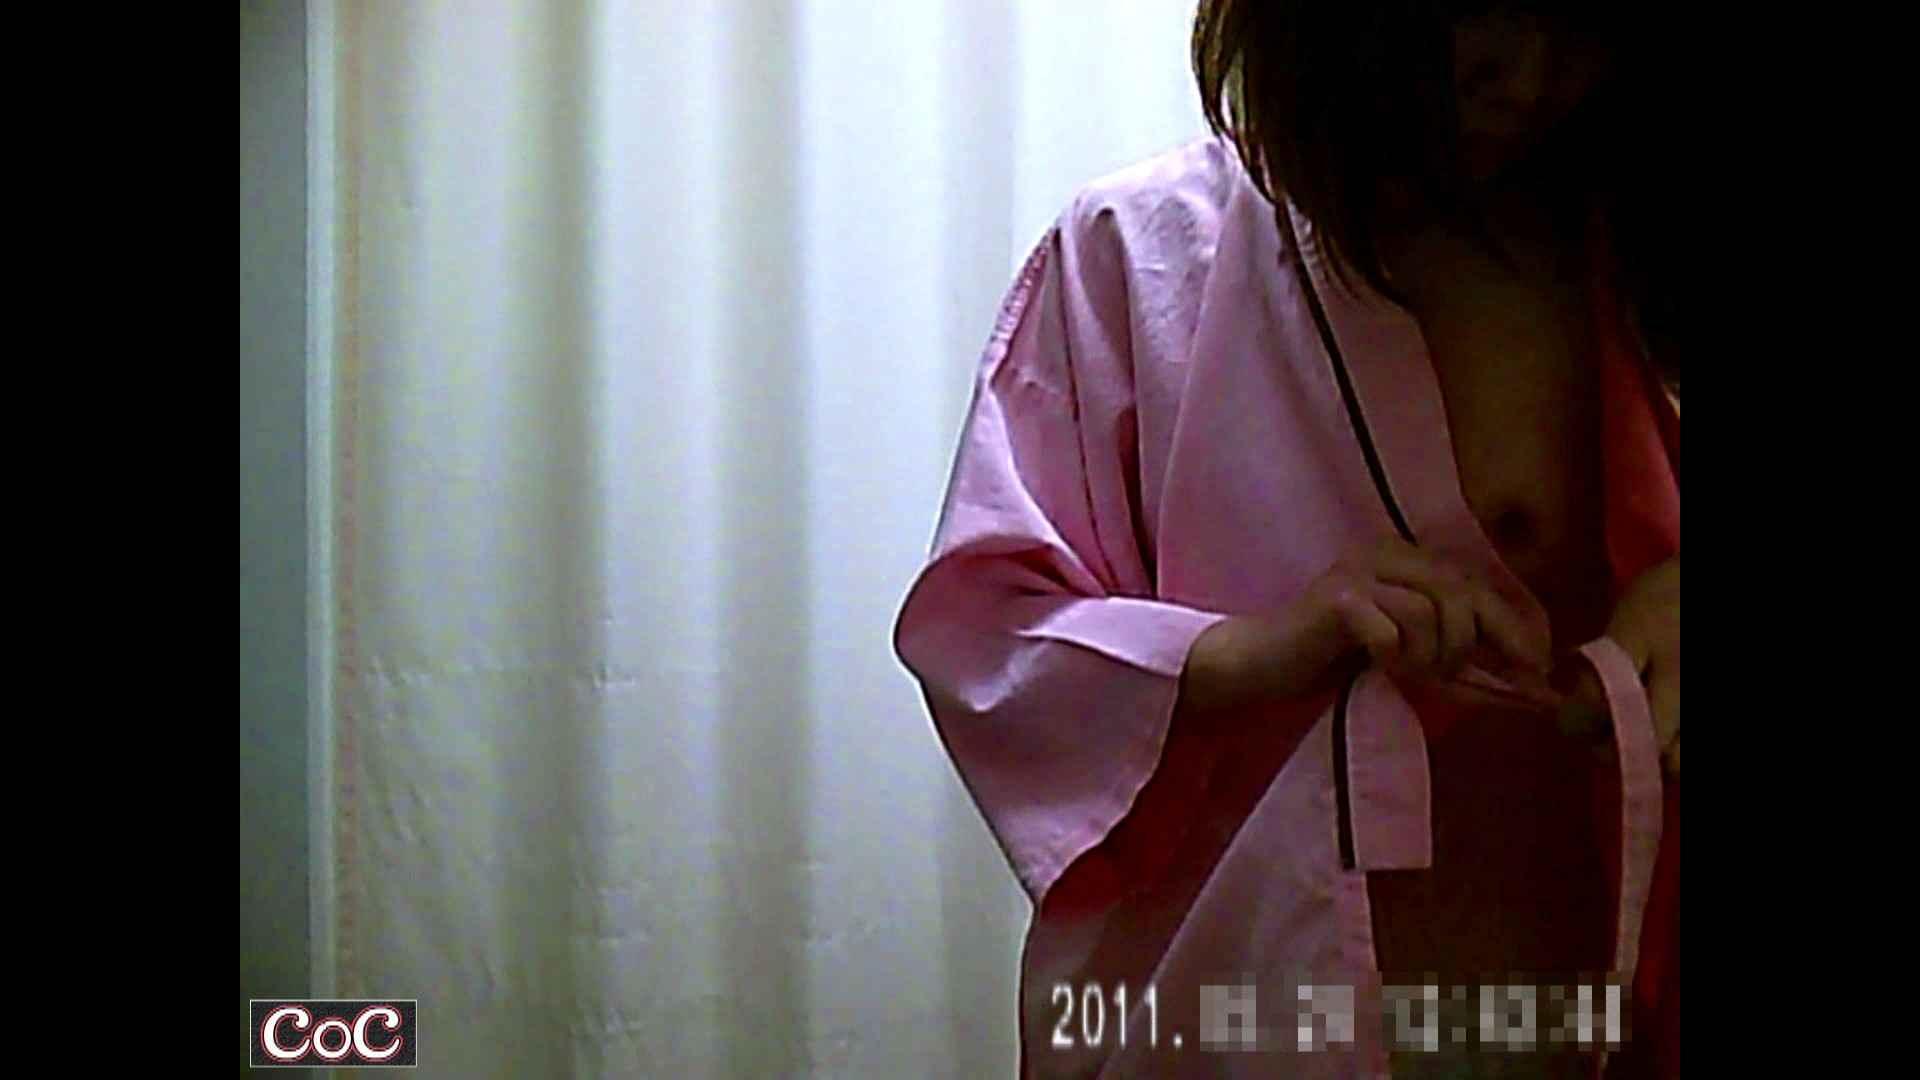 病院おもいっきり着替え! vol.125 おっぱい オマンコ無修正動画無料 100PIX 10